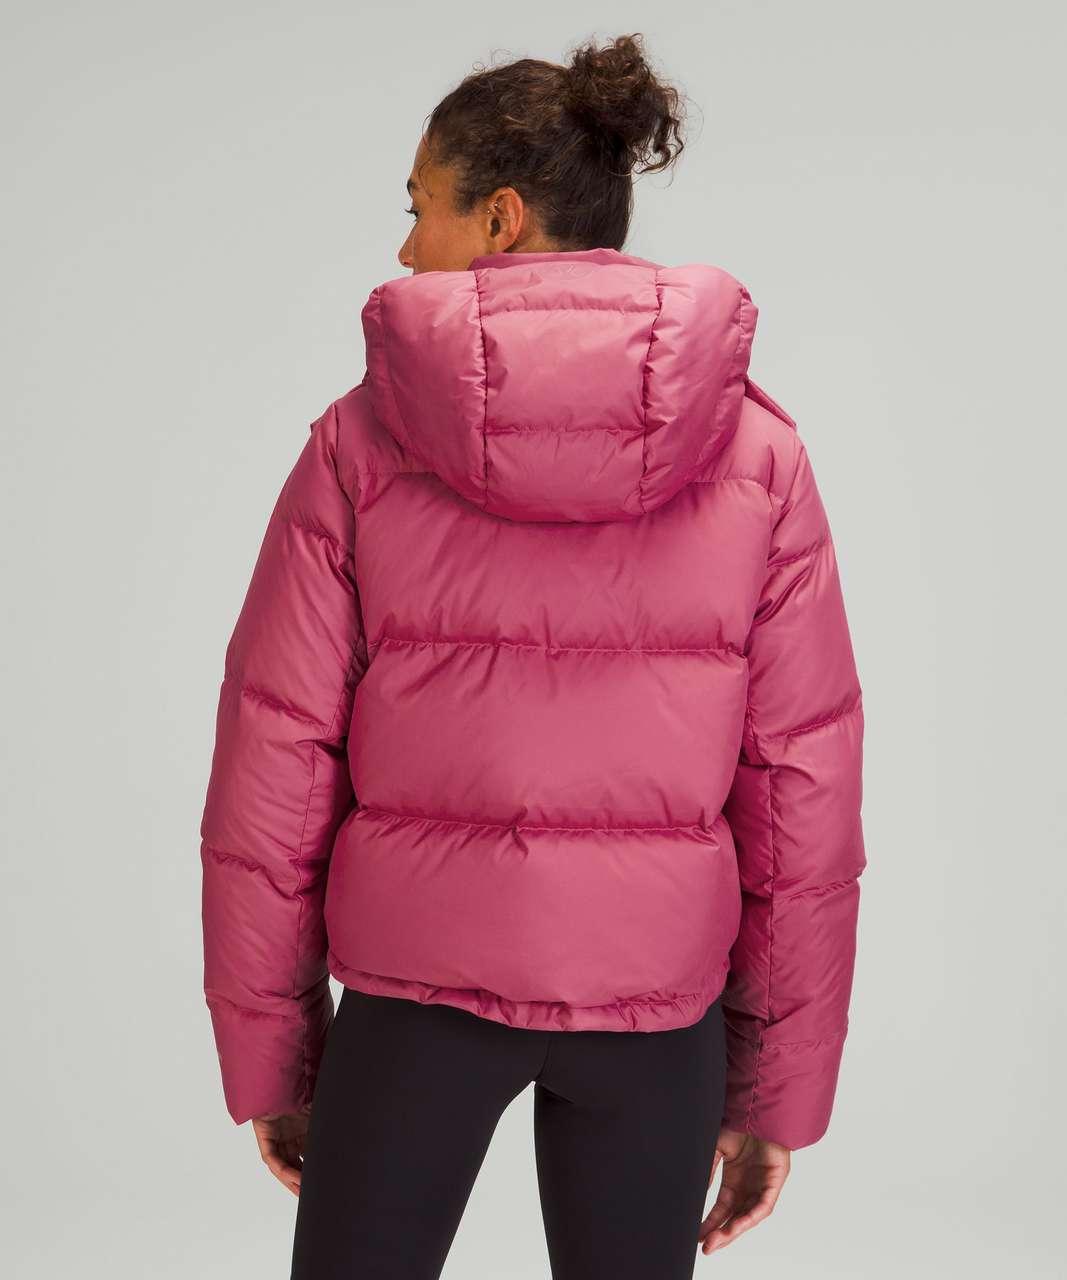 Lululemon Wunder Puff Cropped Jacket - Pink Lychee